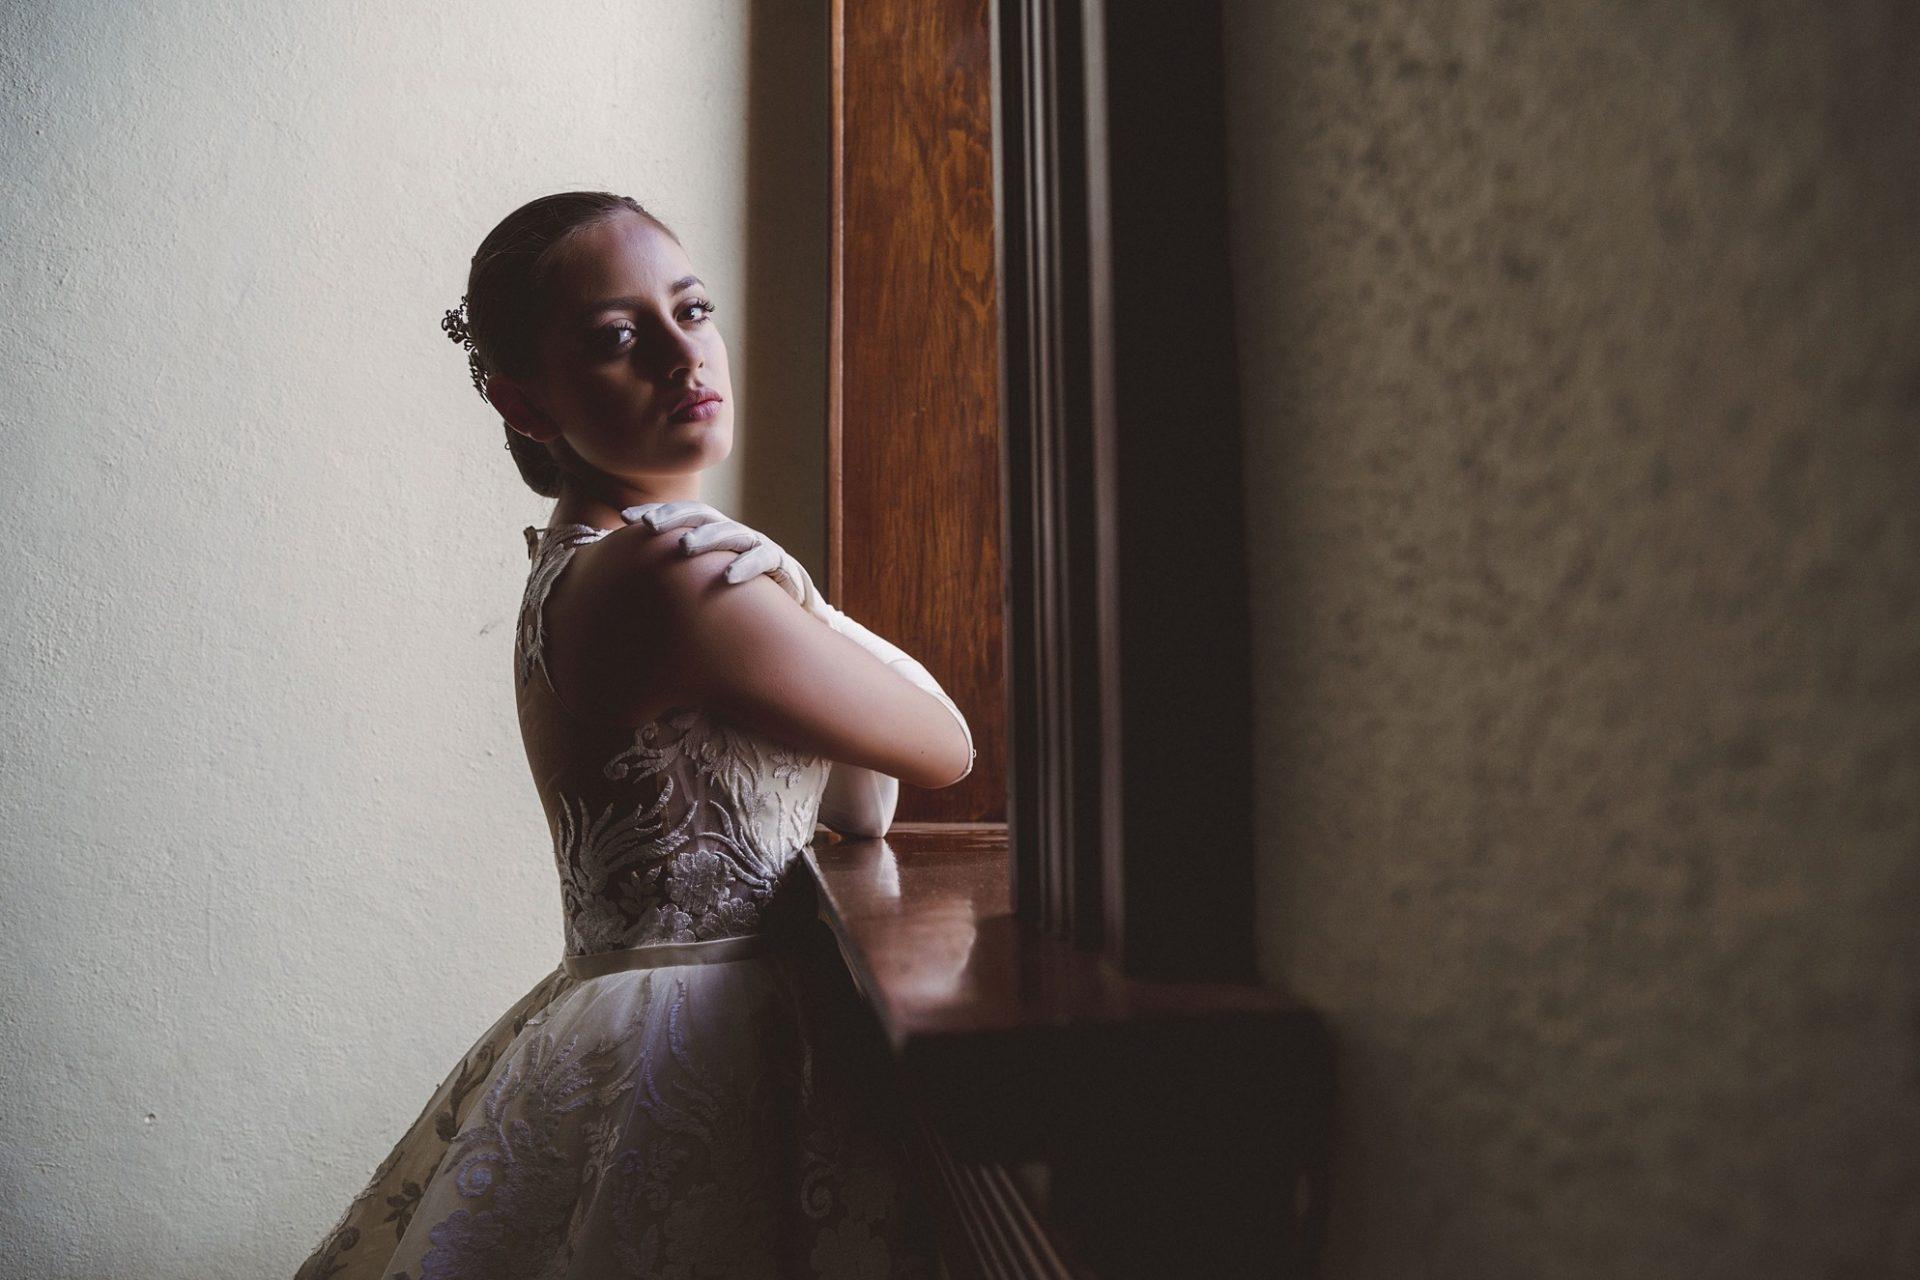 fotografo_profesional_bodas_zacatecas_casual_teatro_calderon_fashion-11